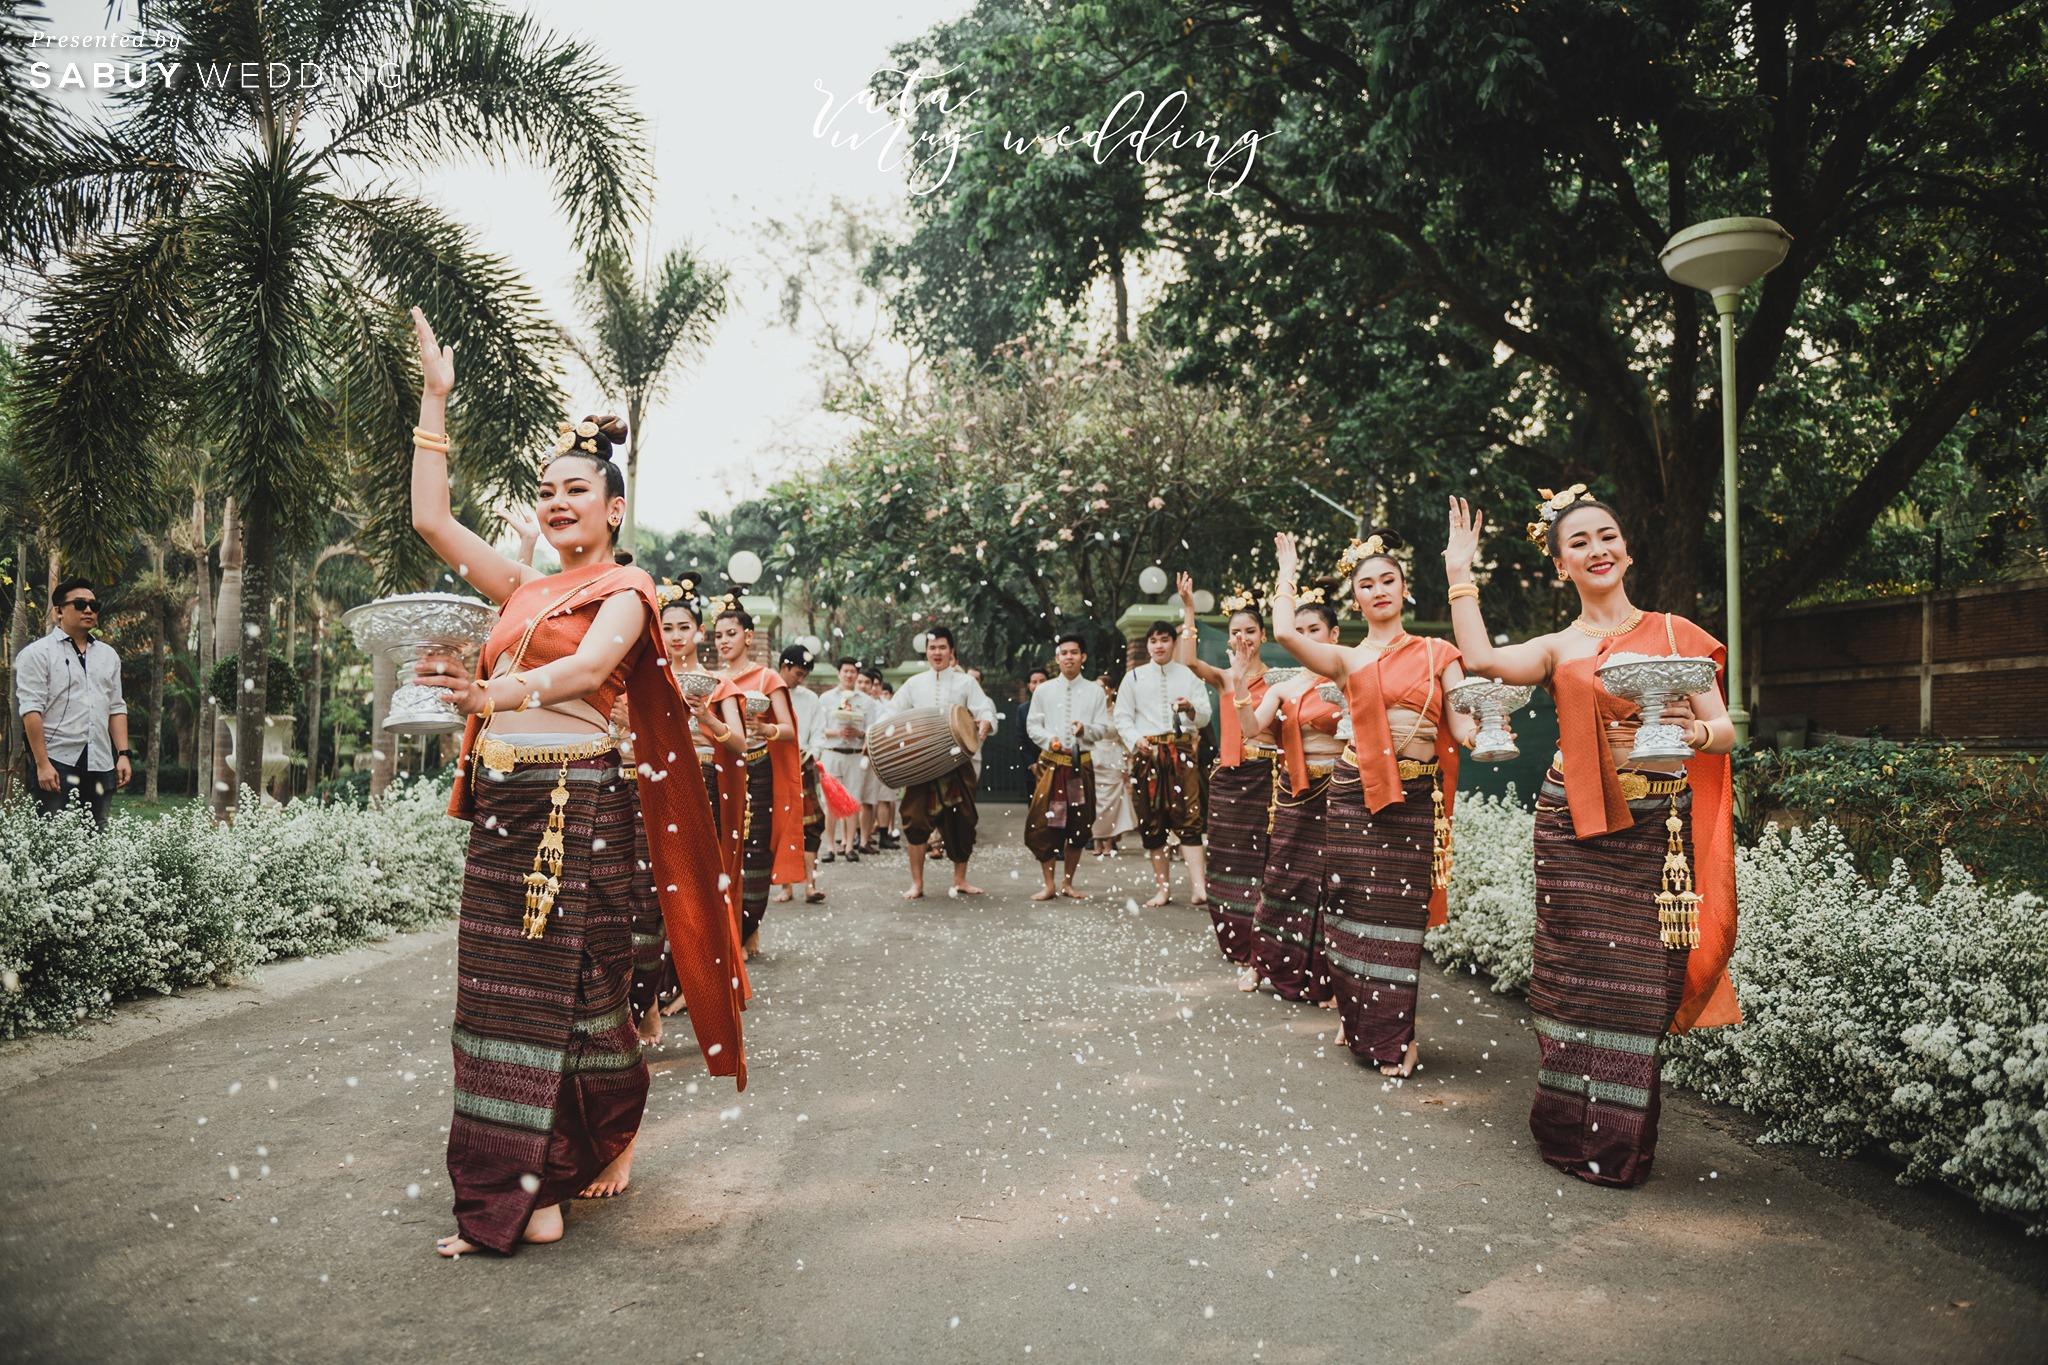 เจ้าสาว,เจ้าบ่าว,แต่งงาน,พิธีแต่งงานล้านนา รีวิวงานแต่งสวนสวยละมุนใจ บรรยากาศโรแมนติก @ Le coq d'or Chiangmai